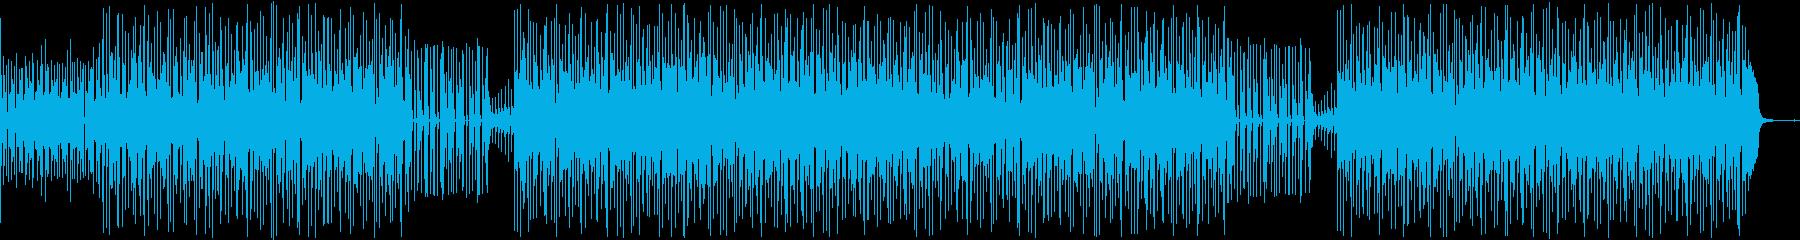 ベースが印象的なミクスチャー・ロックの再生済みの波形